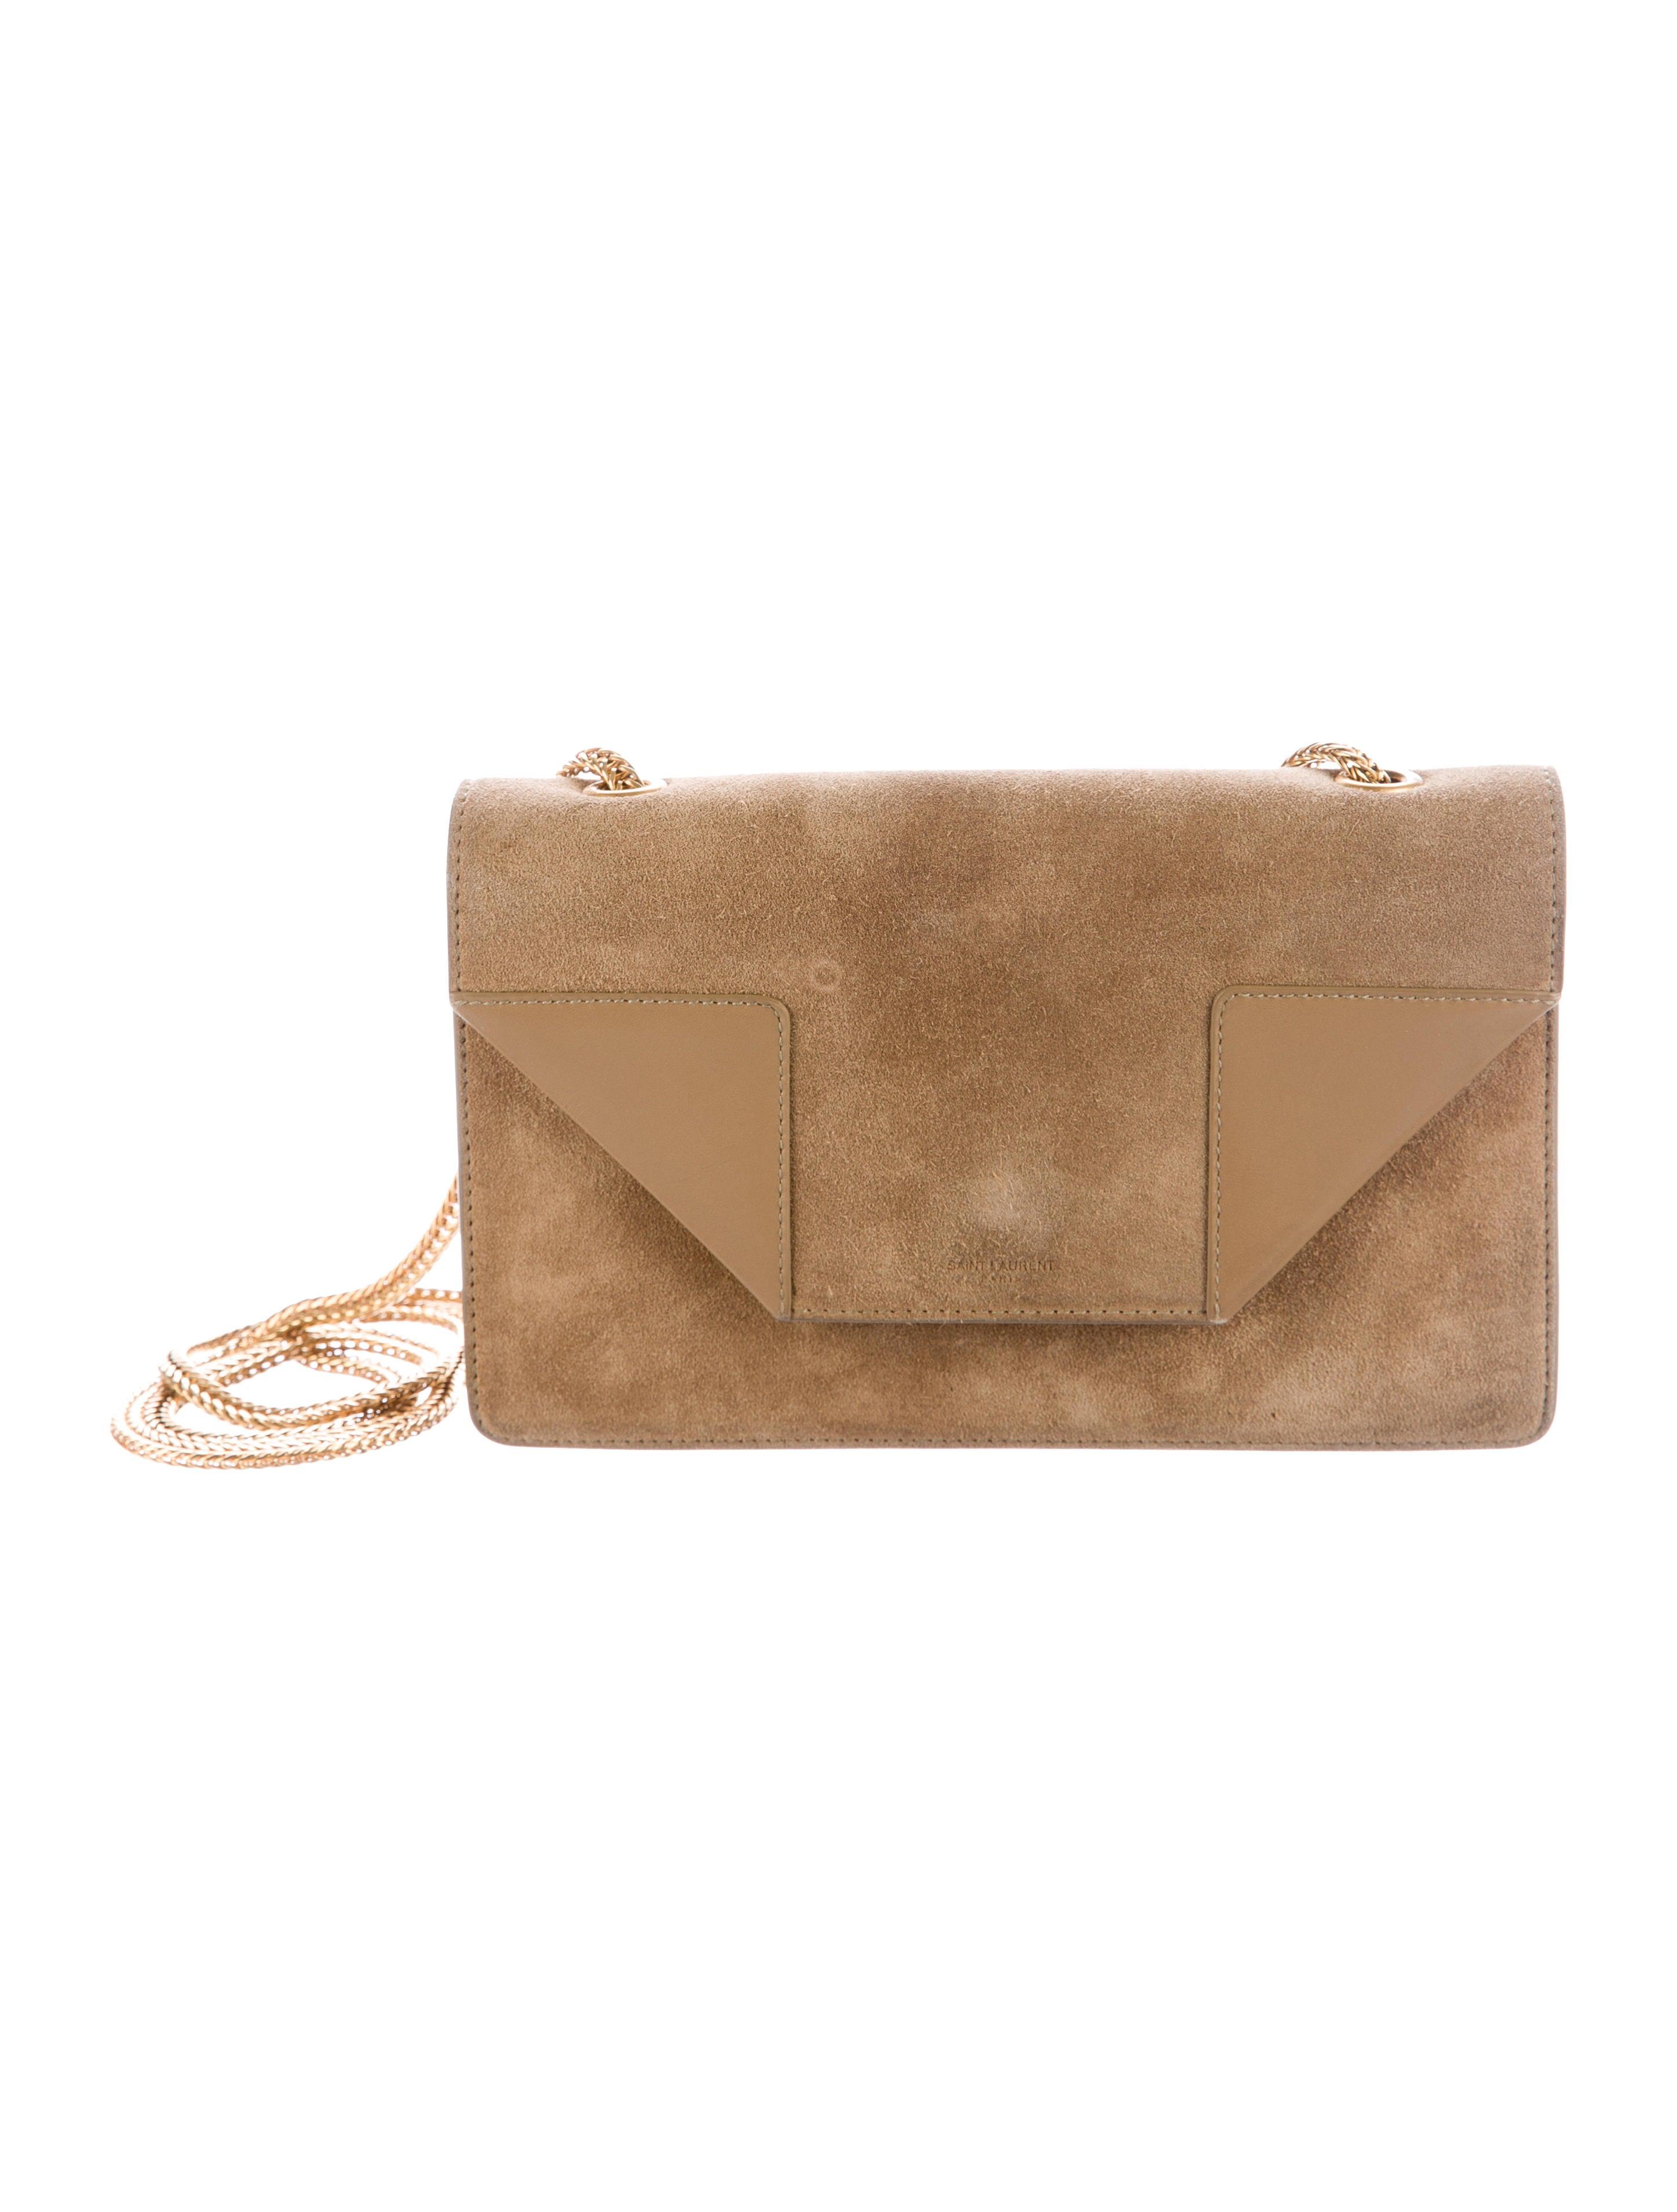 ce5655d9ff7 Saint Laurent Betty Mini Chain Suede Shoulder Bag - Travel Diaper Bag